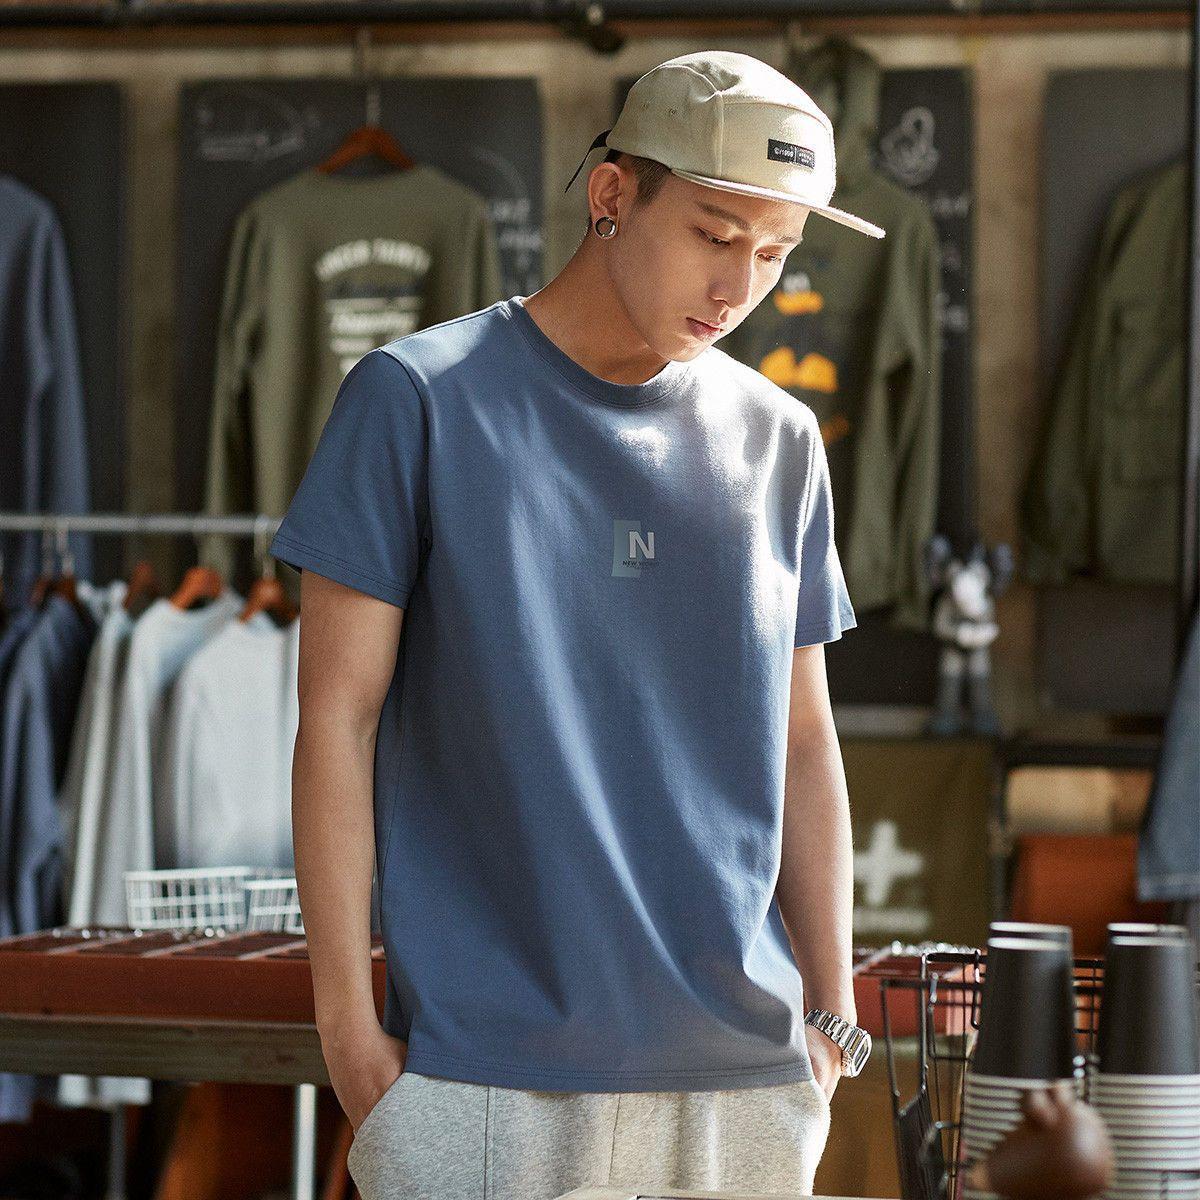 纯棉短袖t恤男士夏季潮流圆领半袖新款韩版宽松百搭体恤男装上衣 131